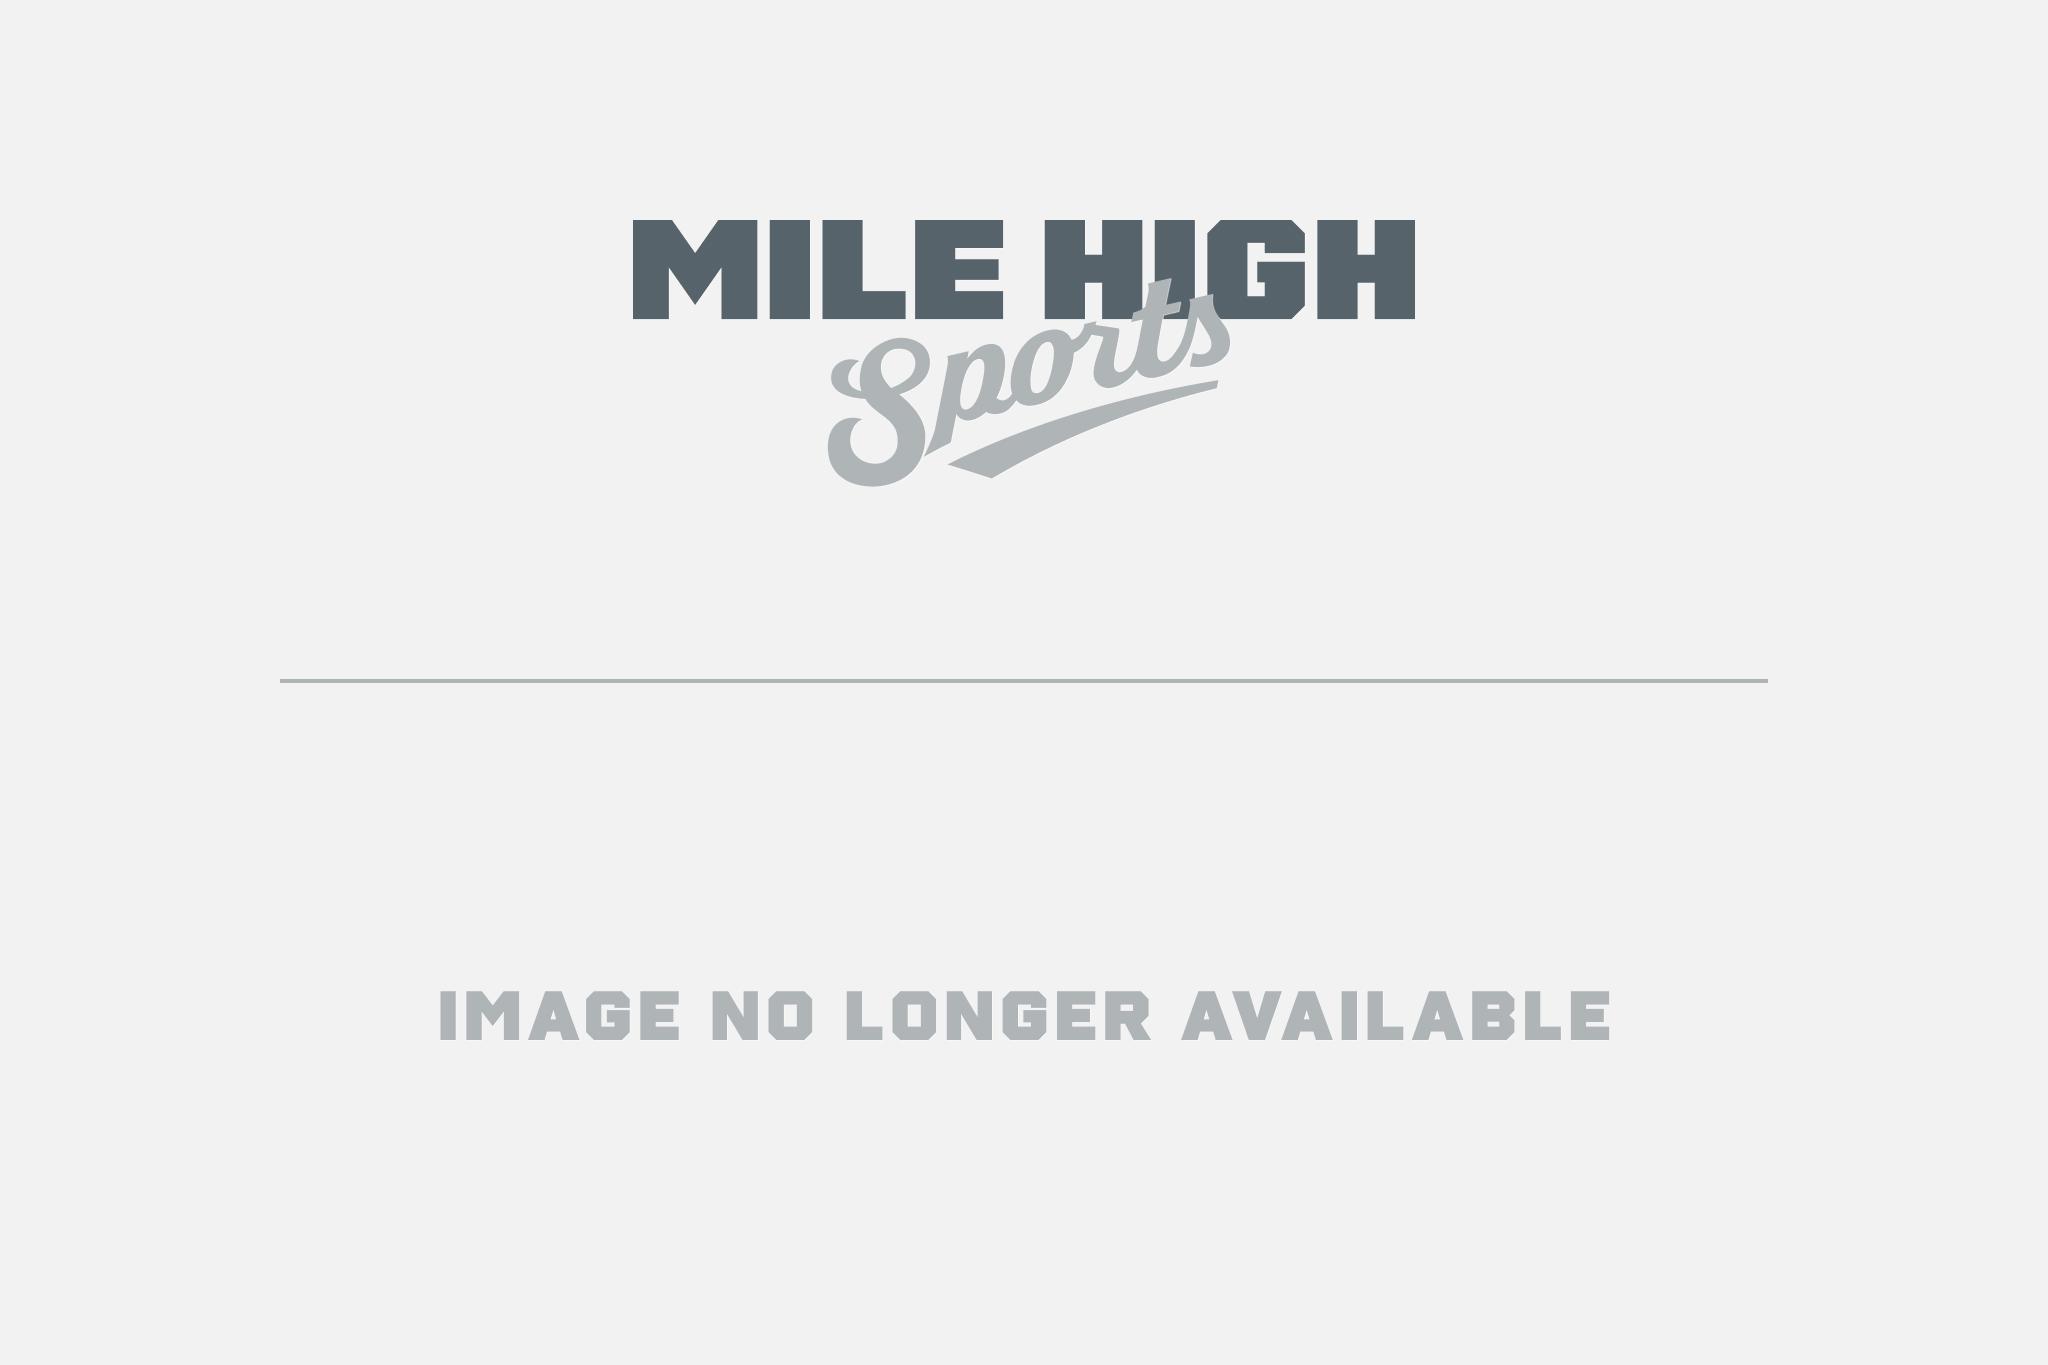 new styles d4a47 9f358 Former Denver Bronco Karl Mecklenburg weighs in on Super Bowl LI